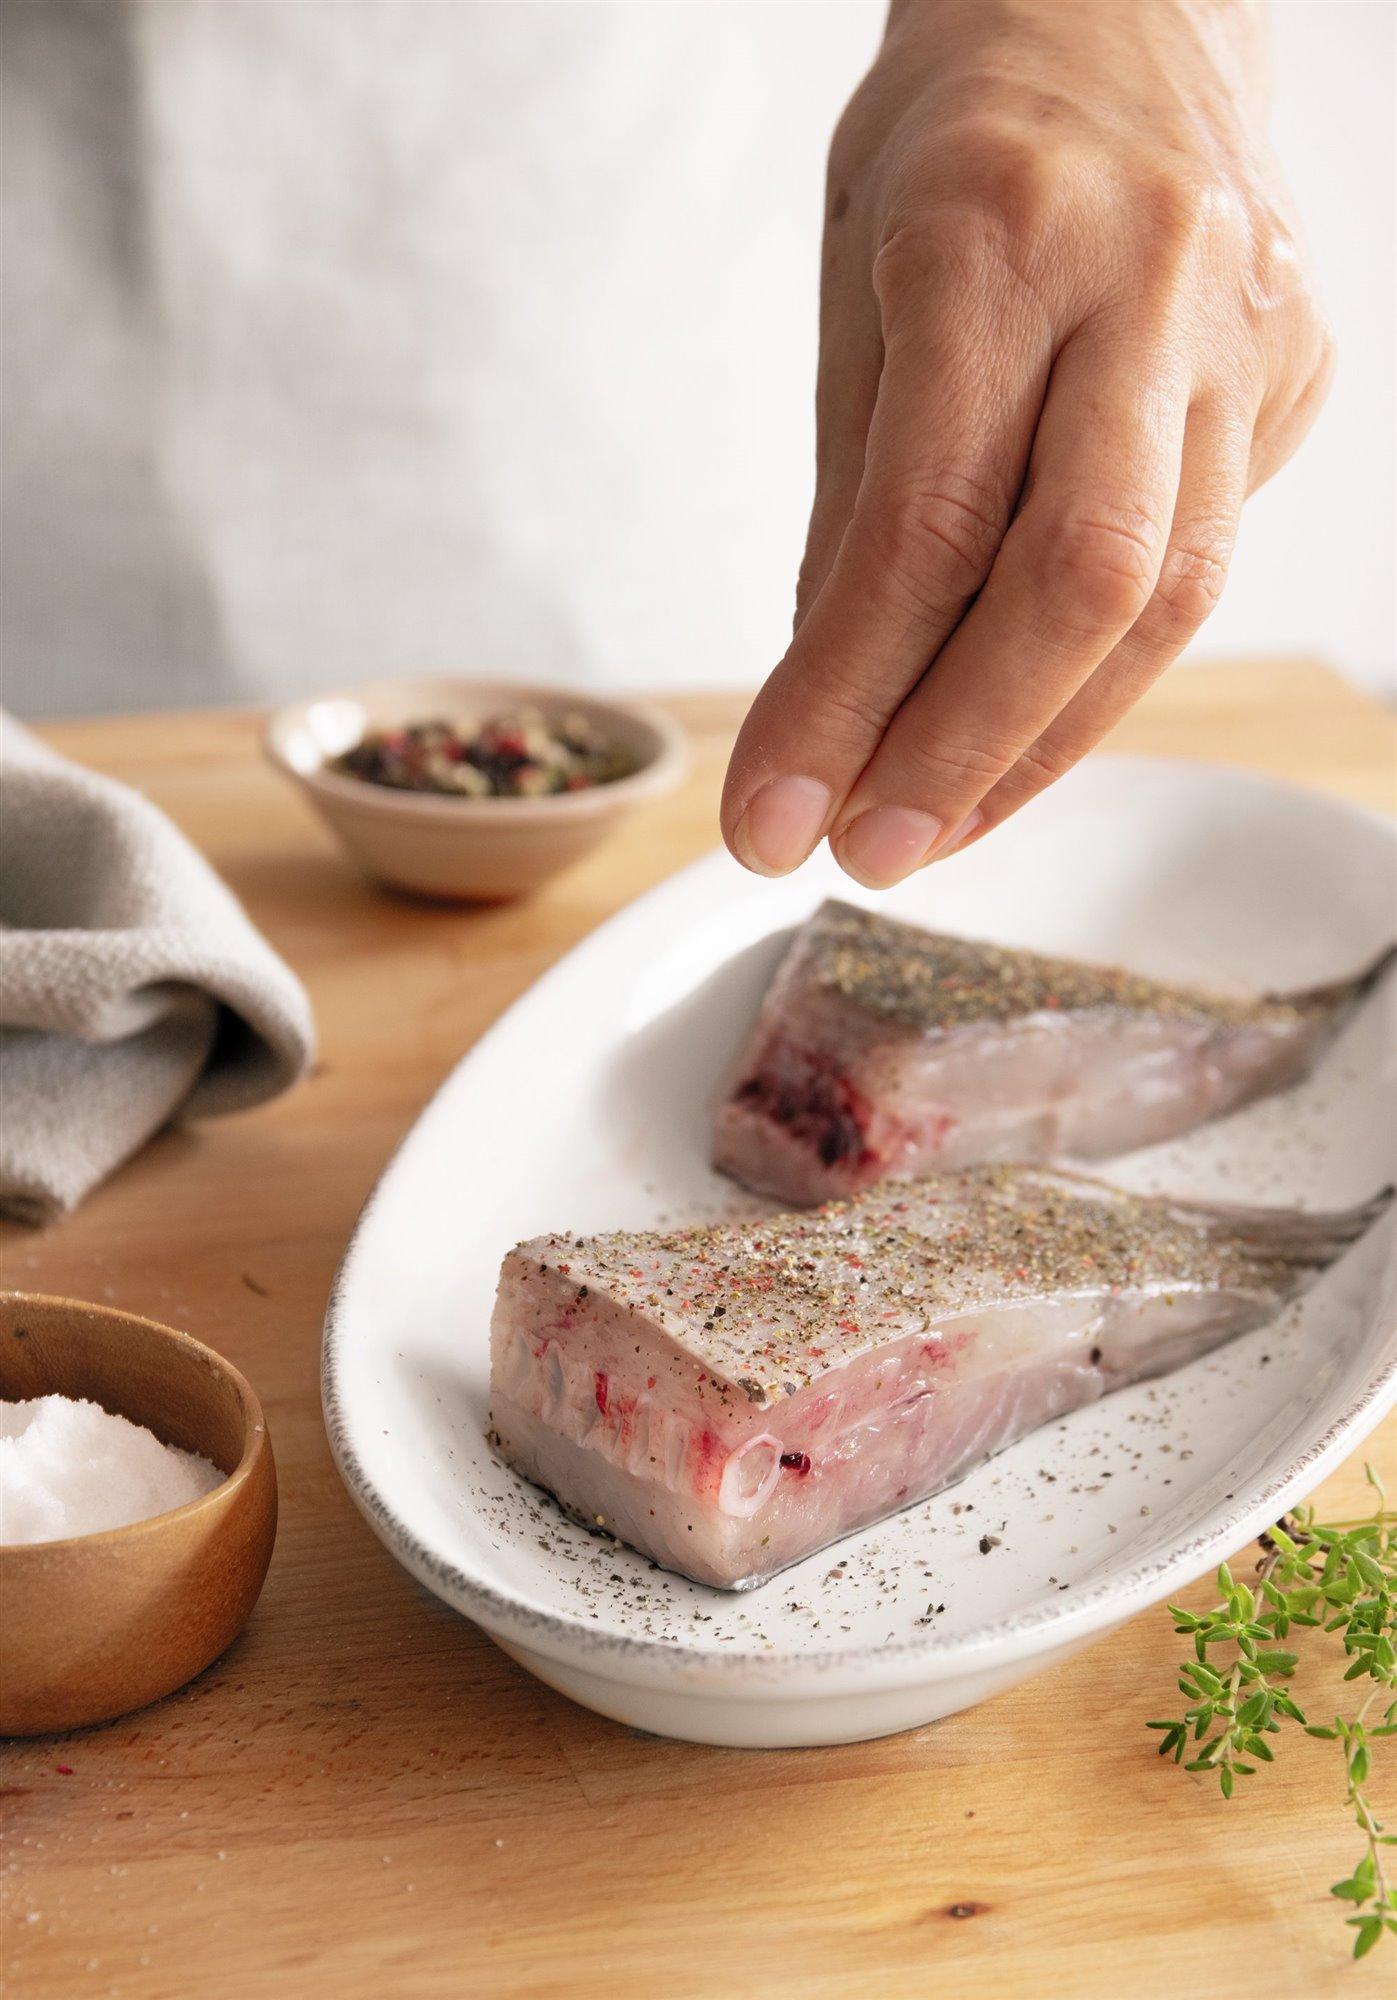 2. Prepara y marca el pescado